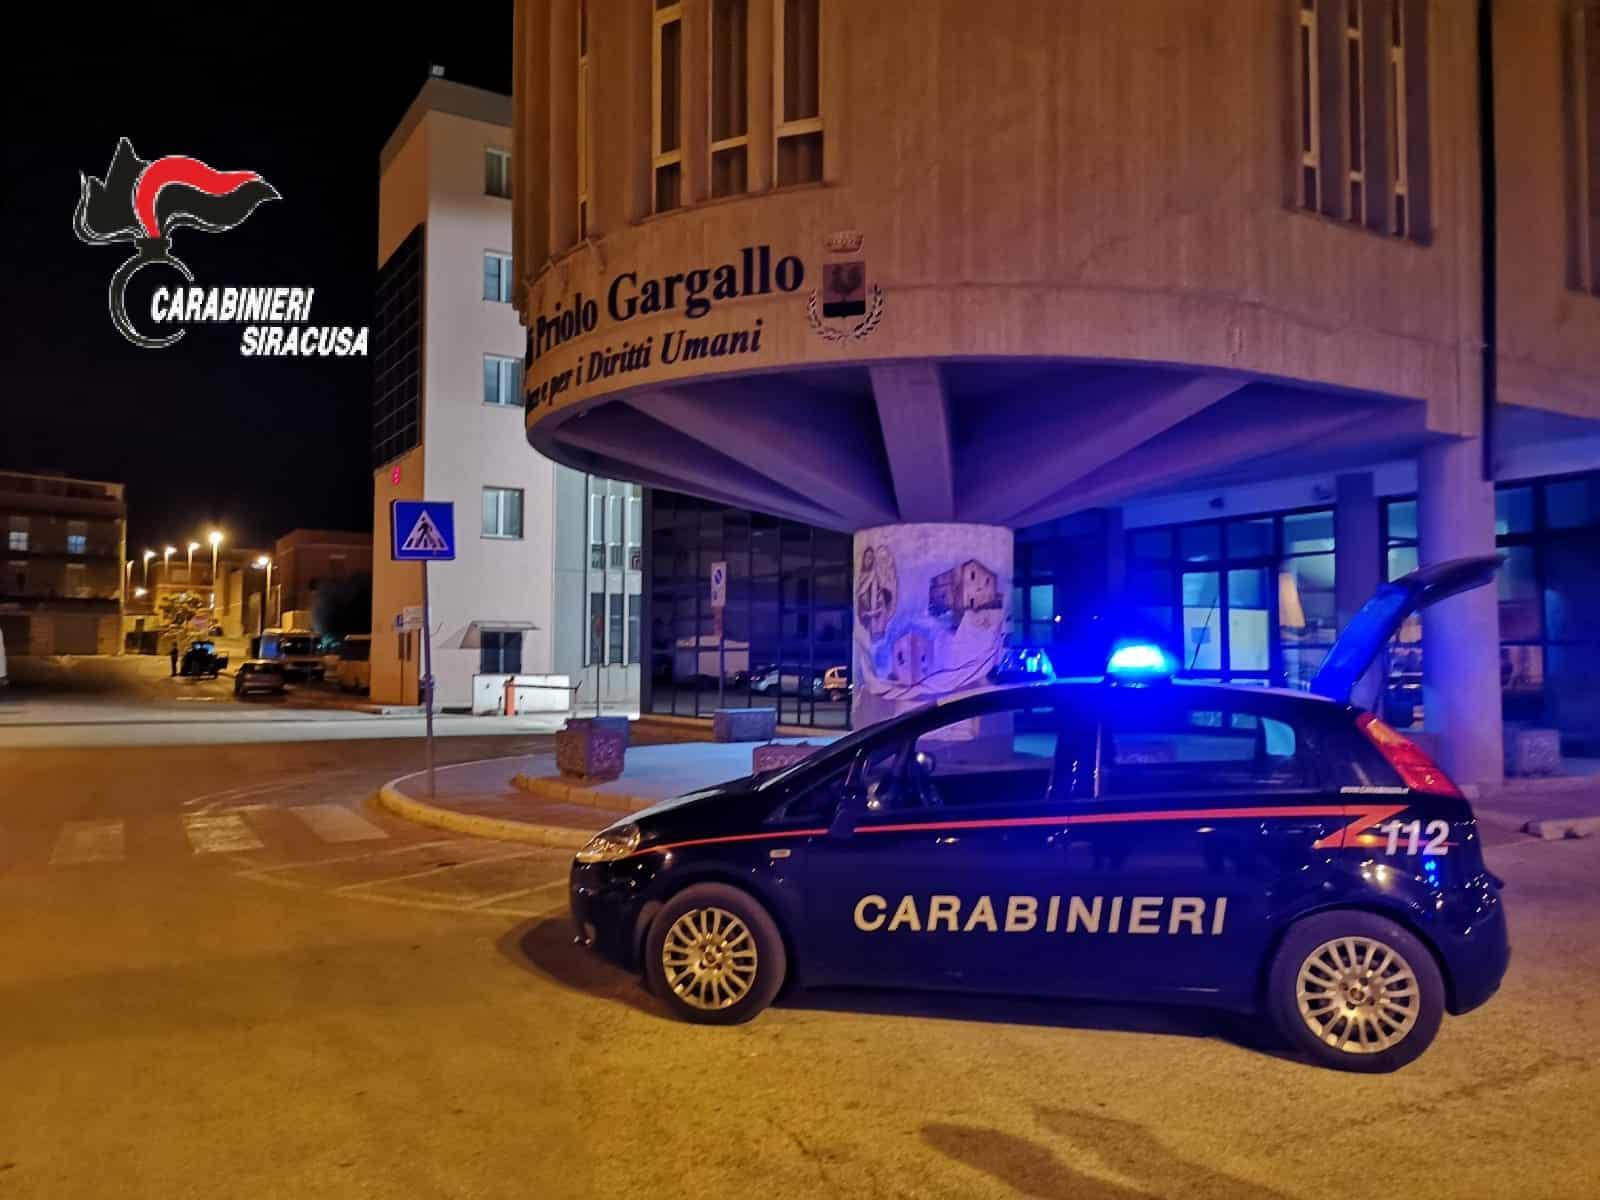 Truffa dello specchietto e minacce, arrestato Giuseppe Corrado Fiasché: i dettagli